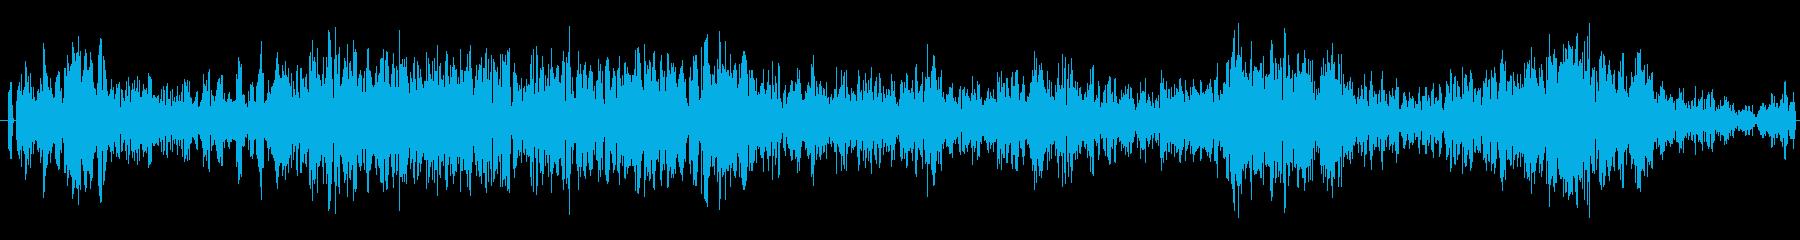 風/強風/嵐/竜巻の演出に!ループ可能3の再生済みの波形